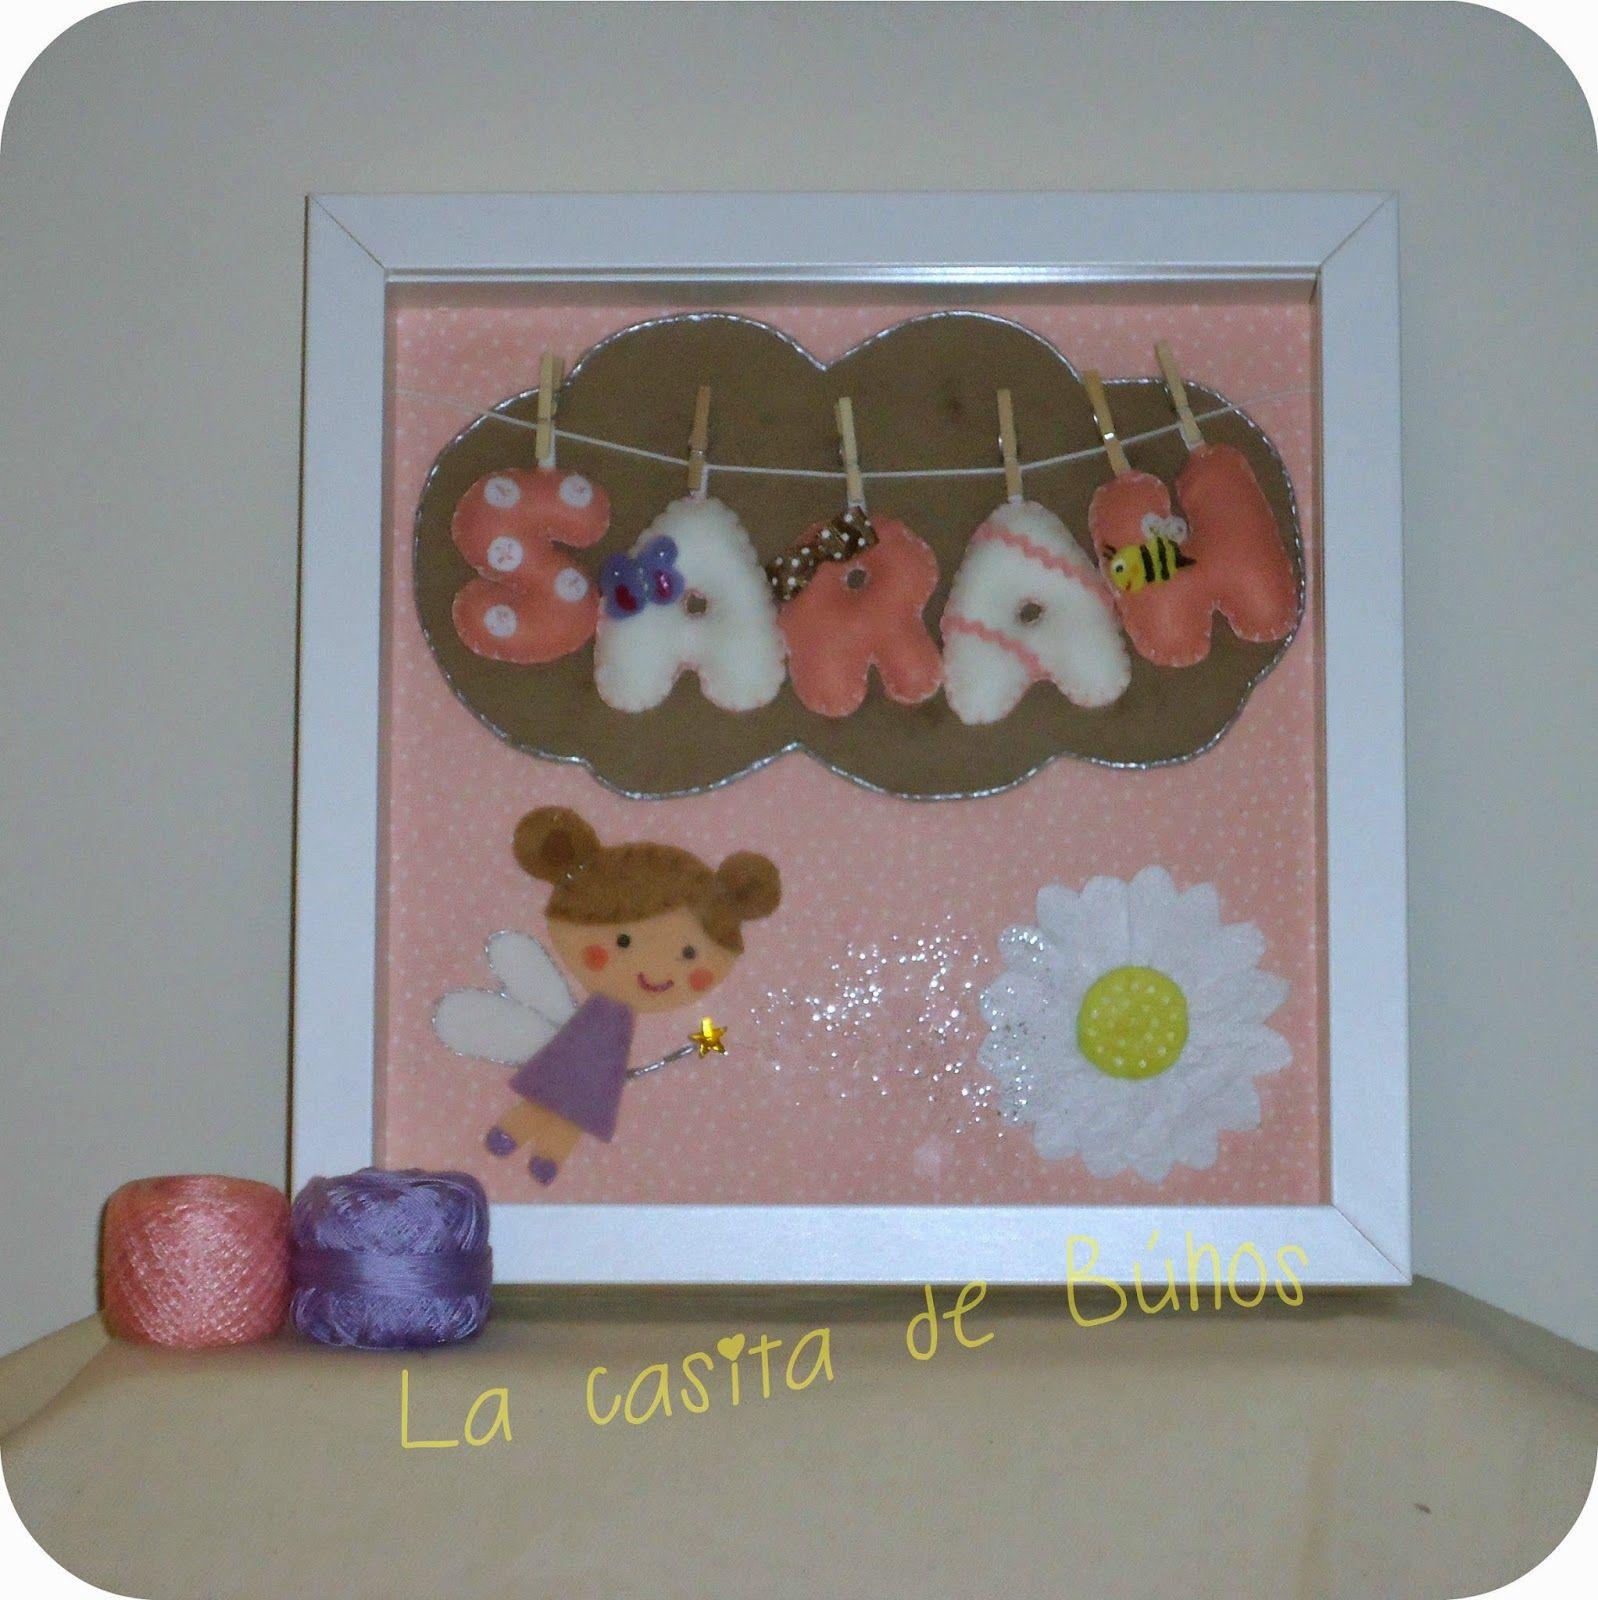 Cuadro en fieltro de hadas - Fairy felt frame | CUADROS | Pinterest ...